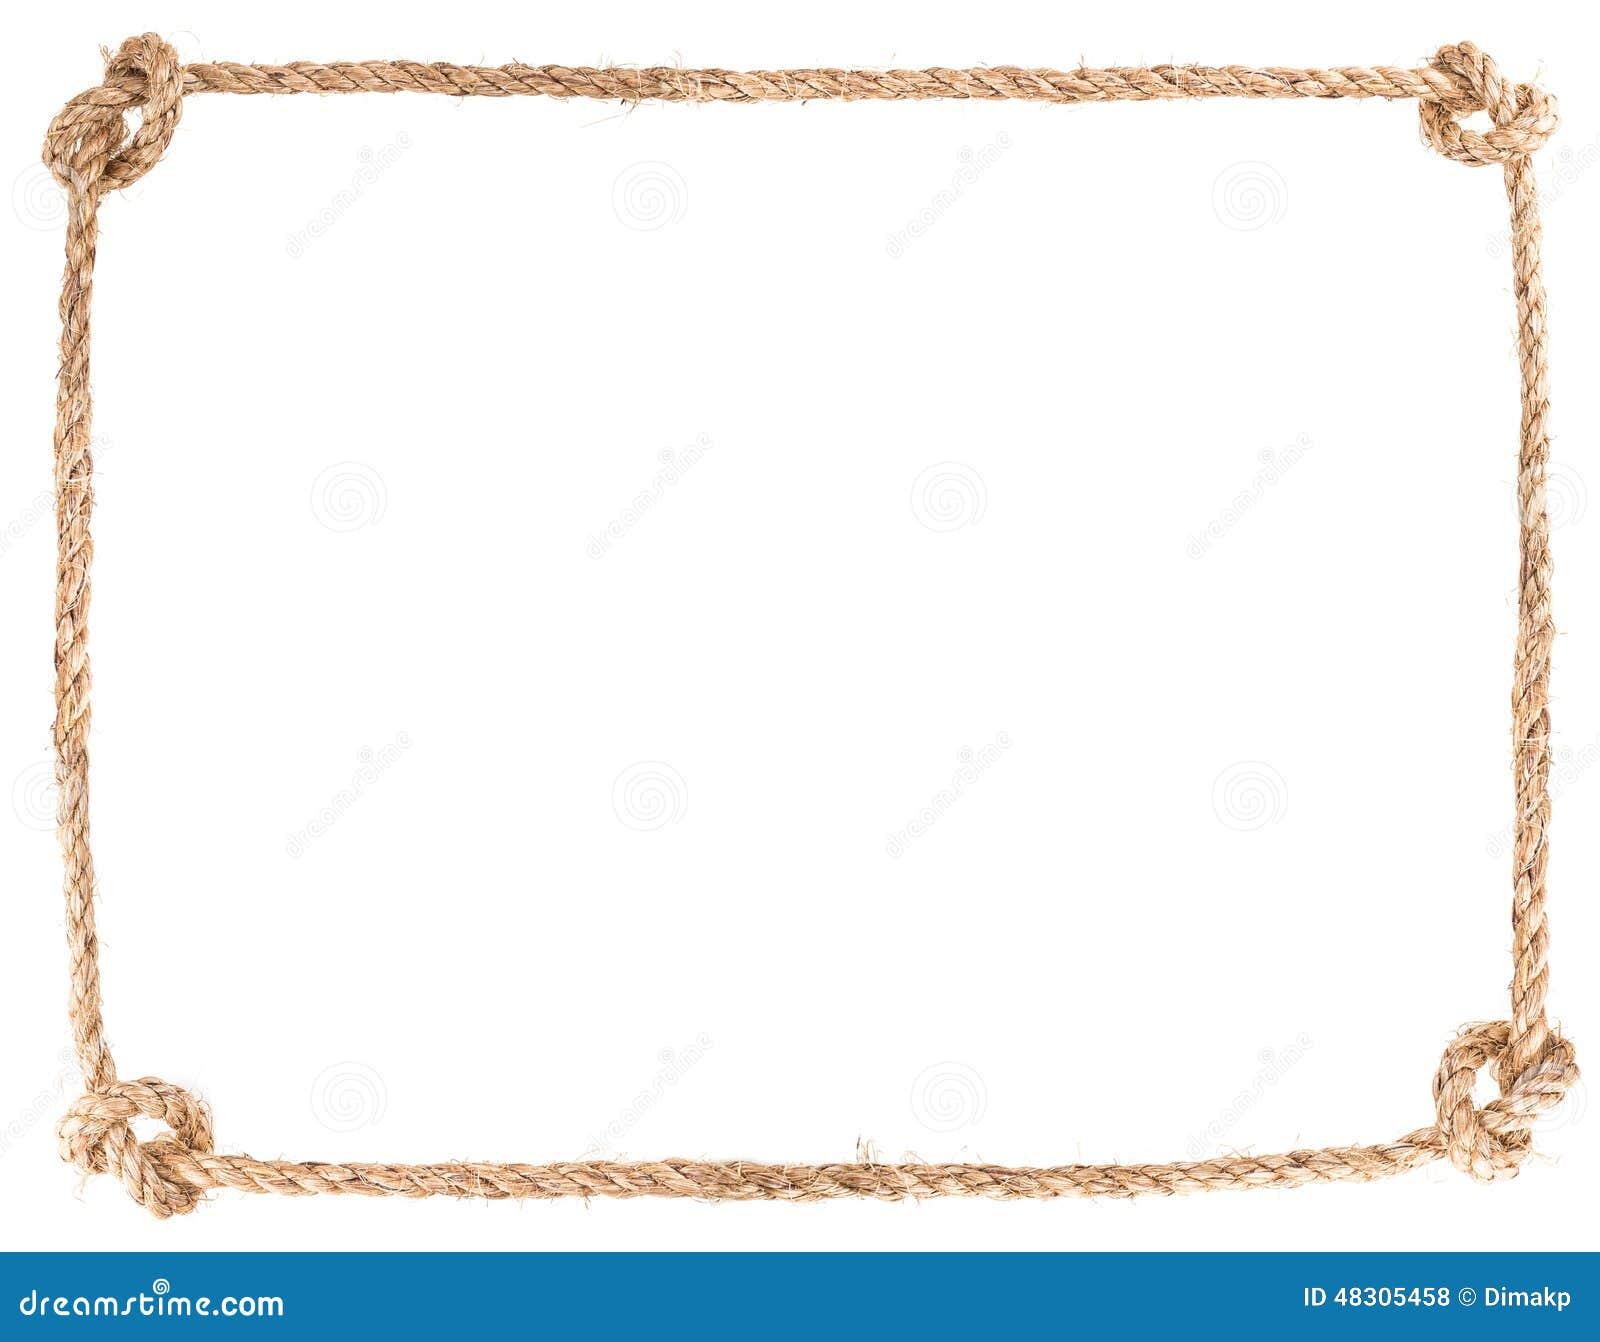 Marco del nudo de la cuerda